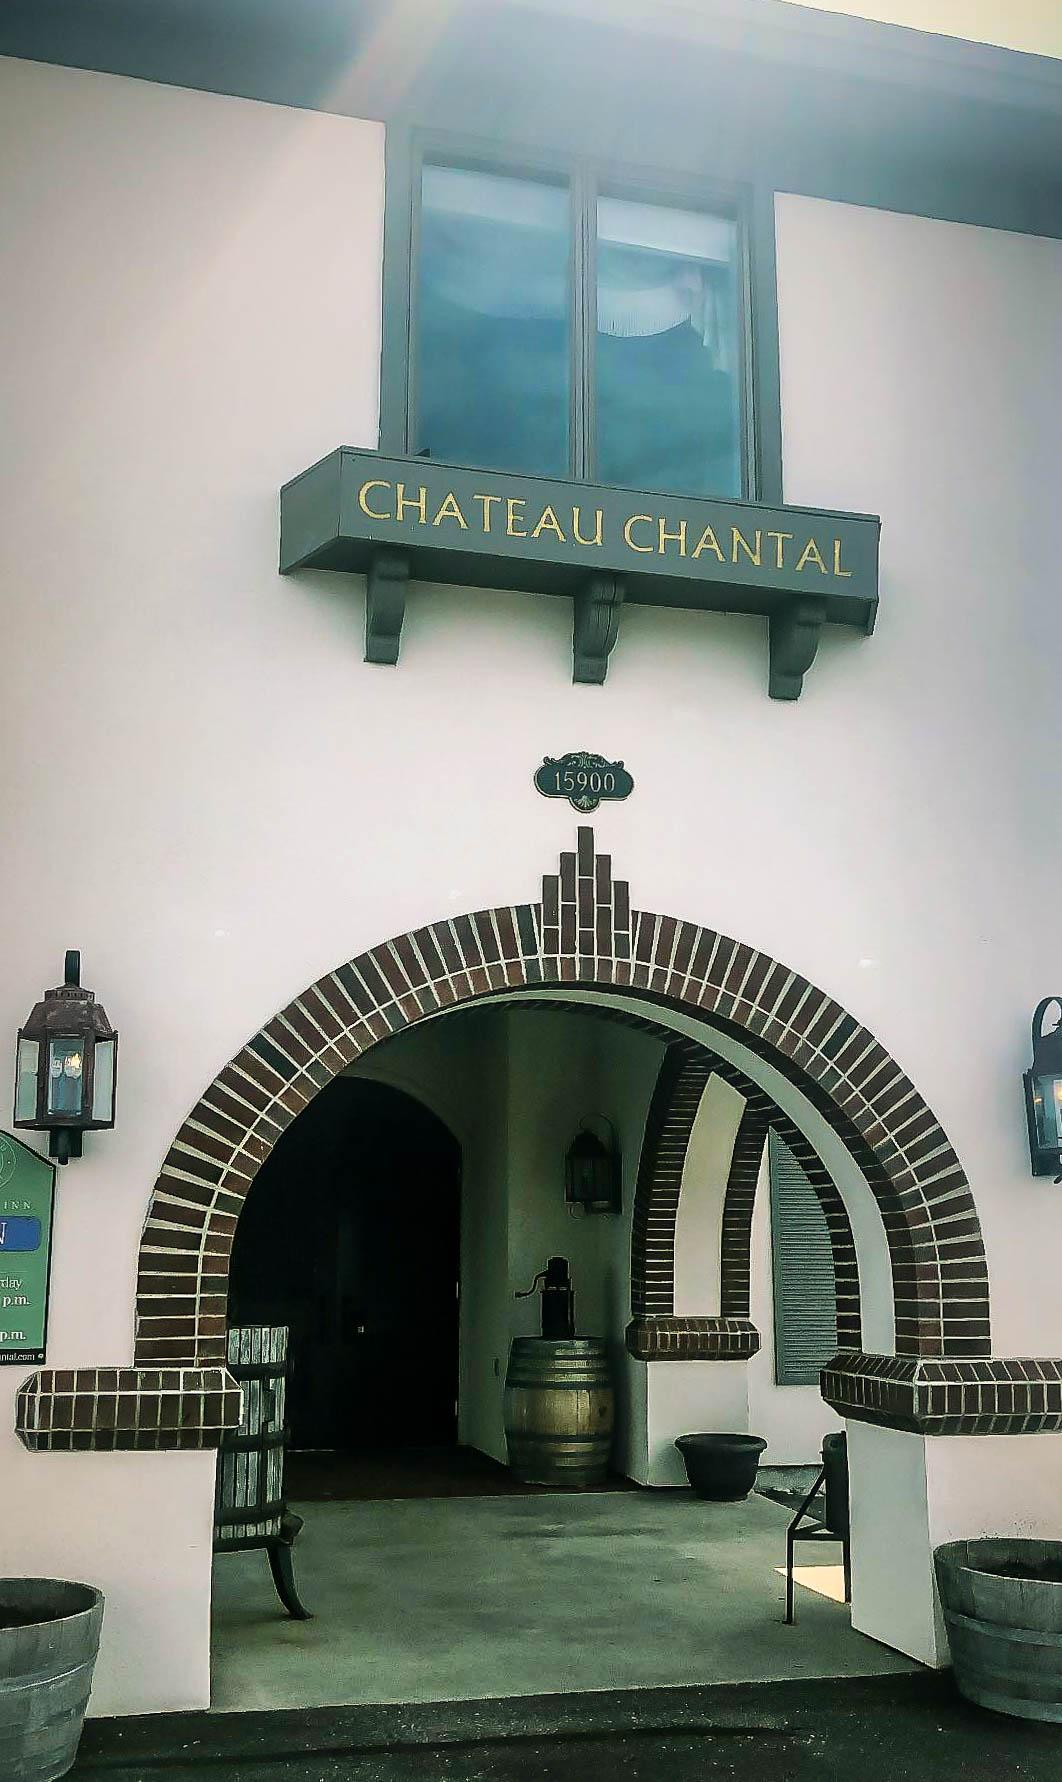 Chateau Chantal Winery